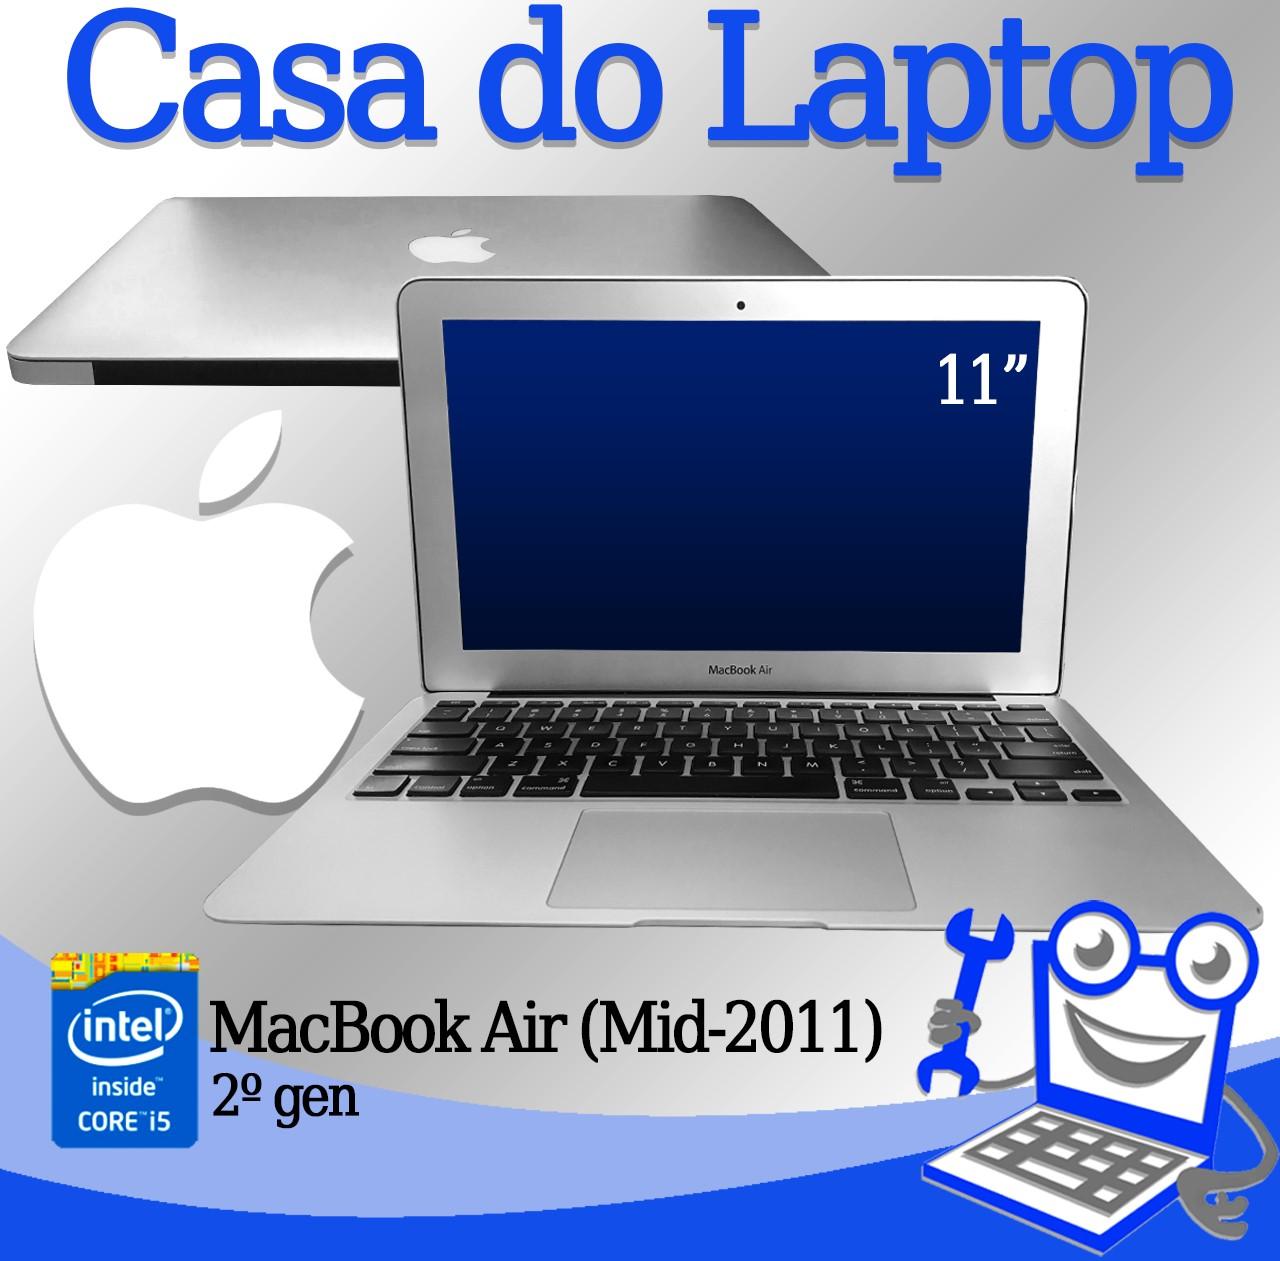 Laptop Apple MacBook Air (Mid-2011) Intel i5 2° Geração 4GB de memória RAM e 120GB SSD